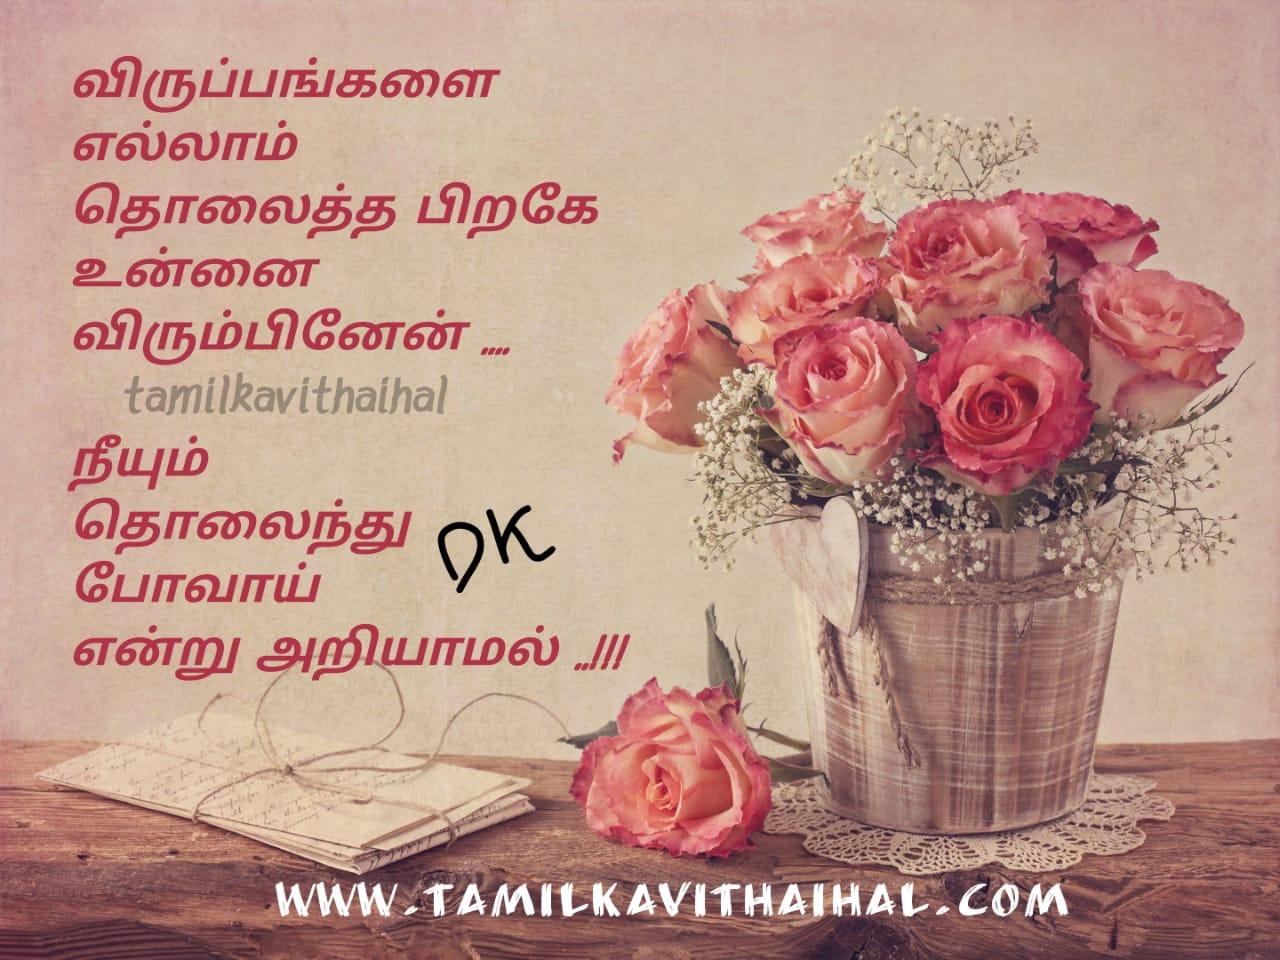 i miss you feel kadhal kavithaigal viruppam like lovefeel tholainthu povaai images